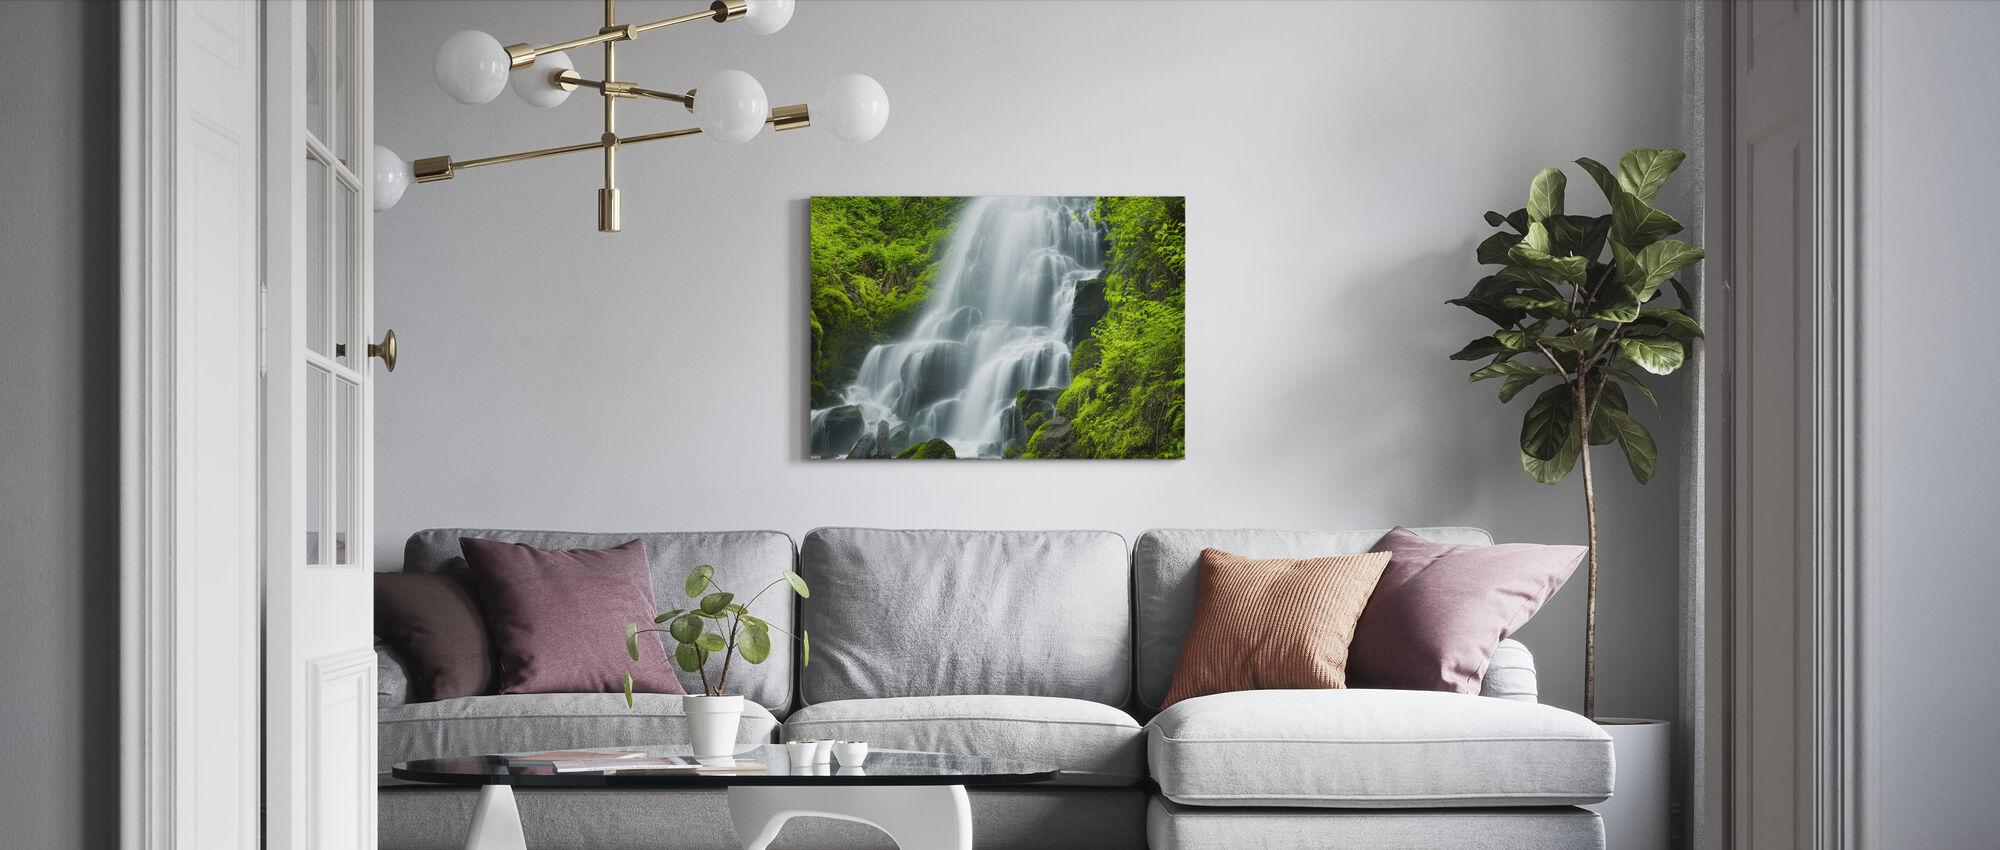 Fairy Falls - Canvas print - Living Room